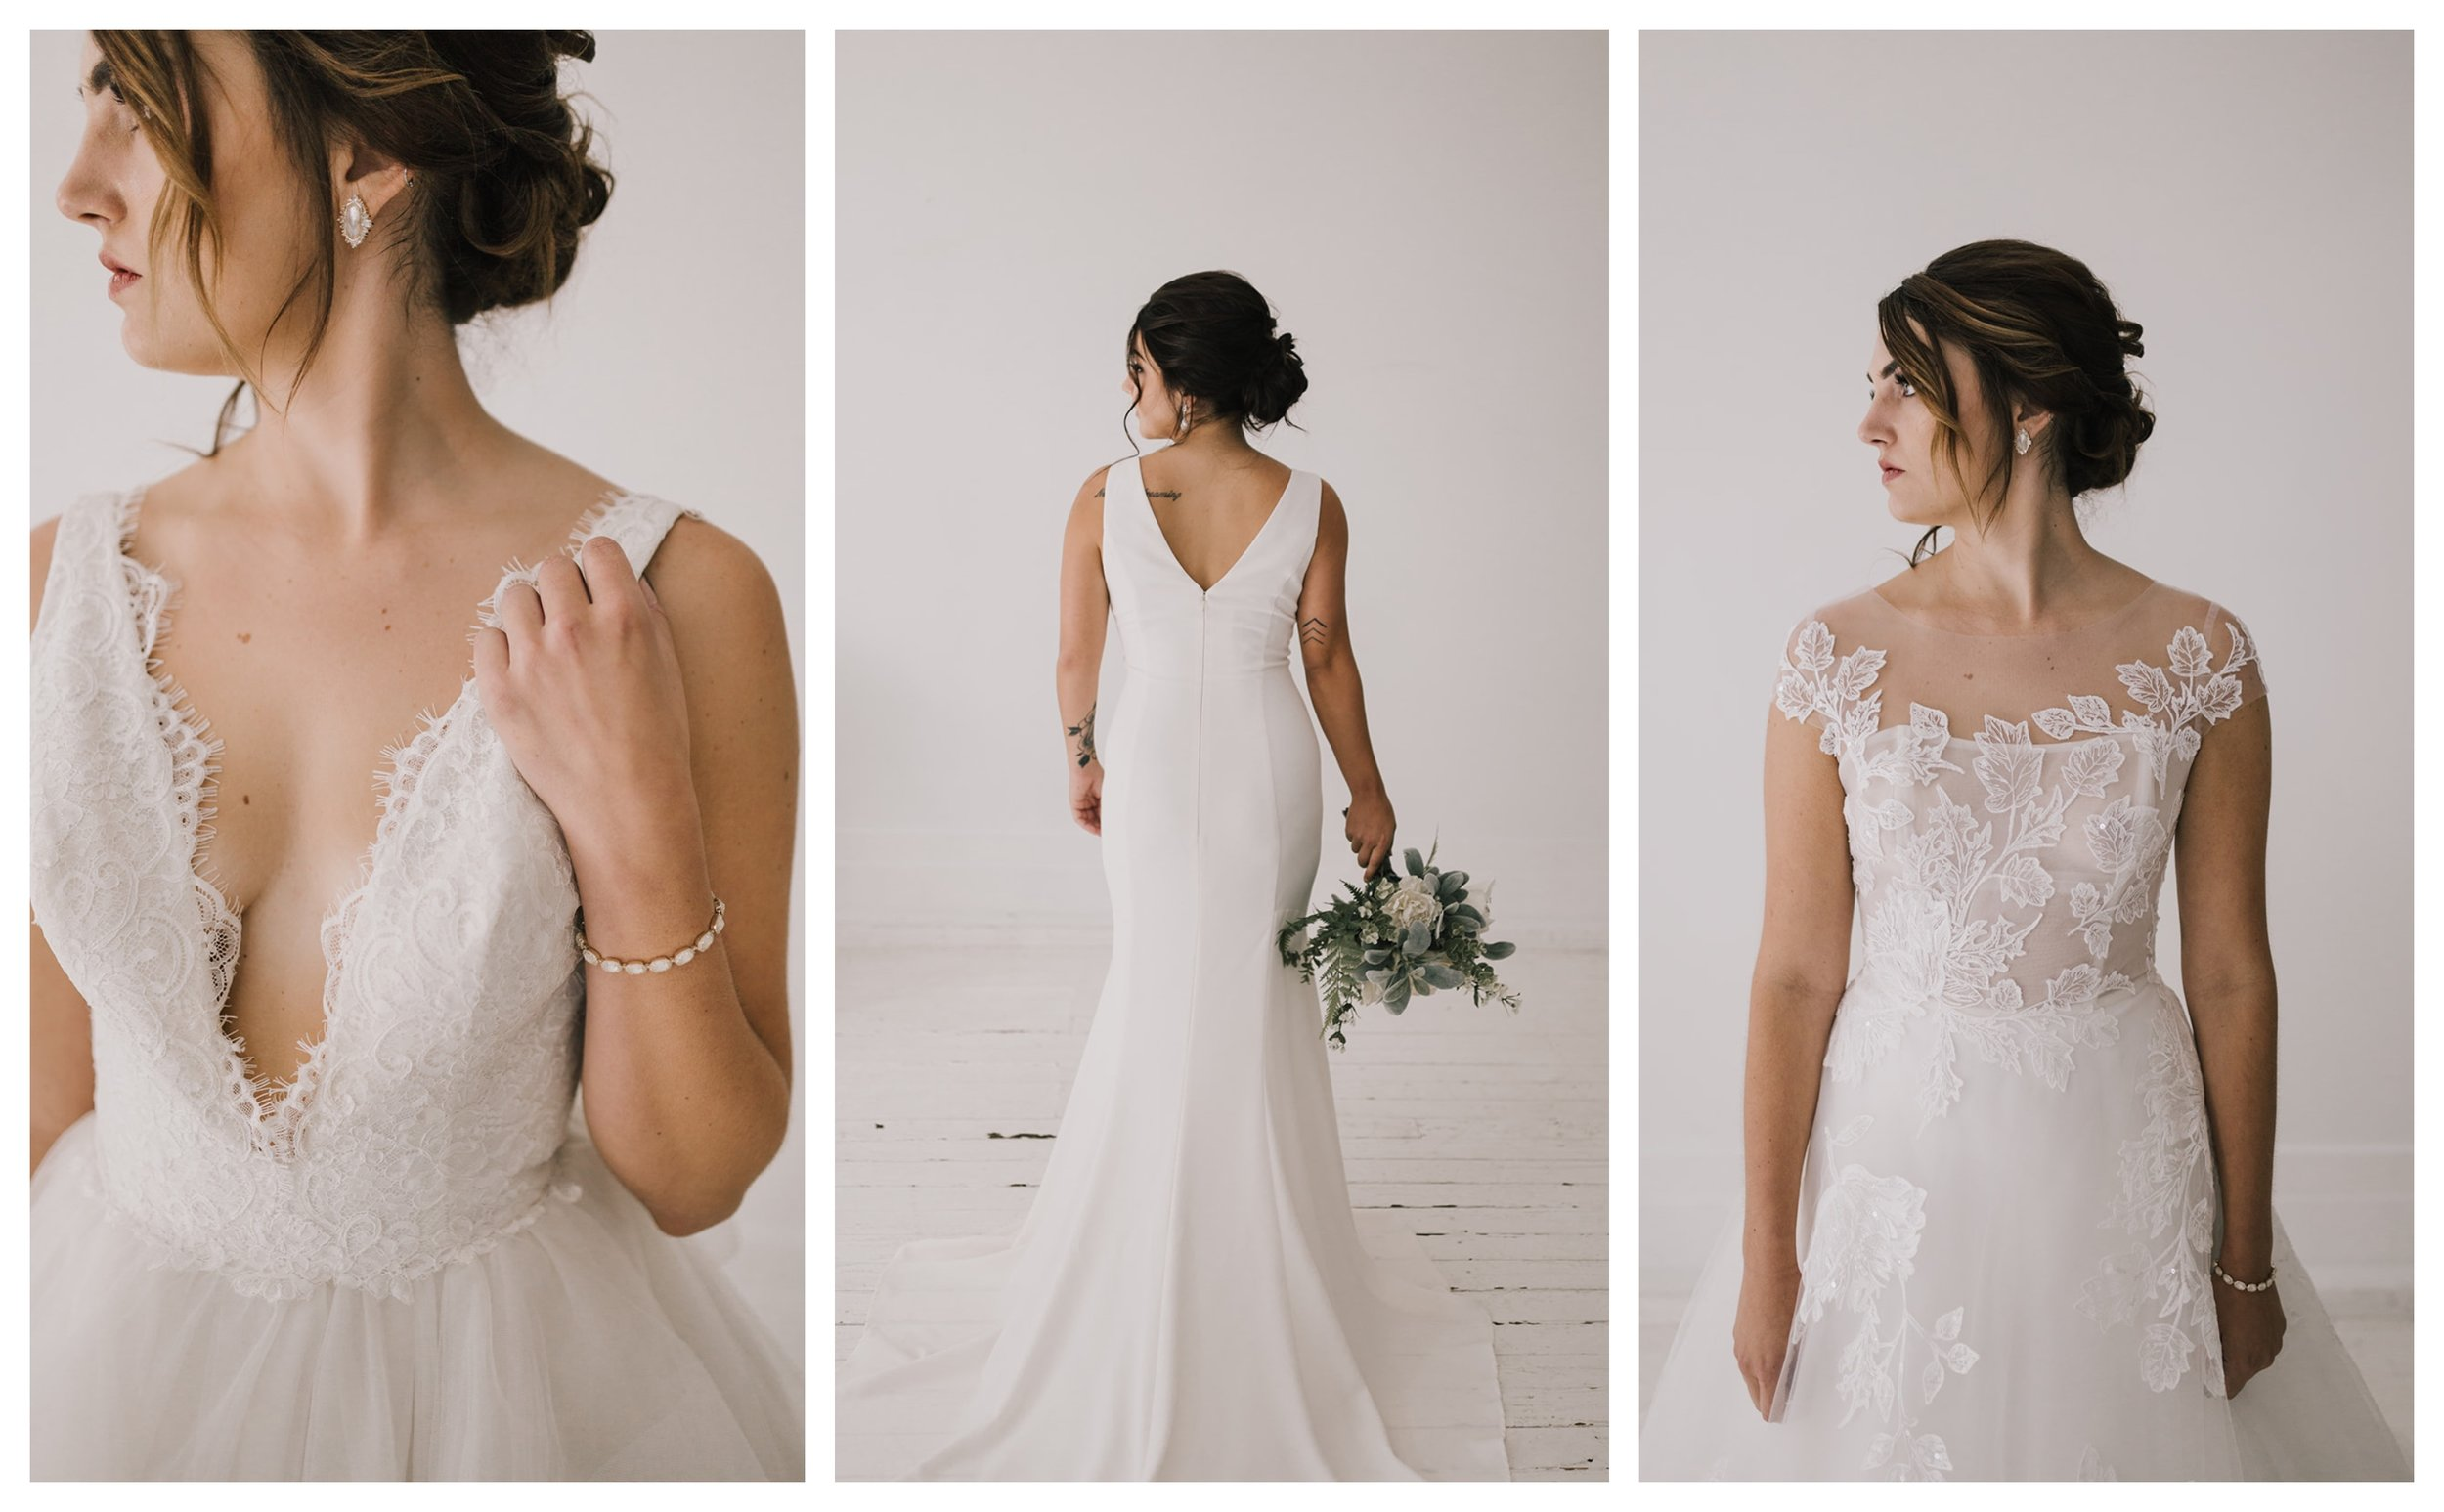 Photography:  Alyssa Barletter Photography  // Gowns:  Lis Simon  + Nouvelle Amsale